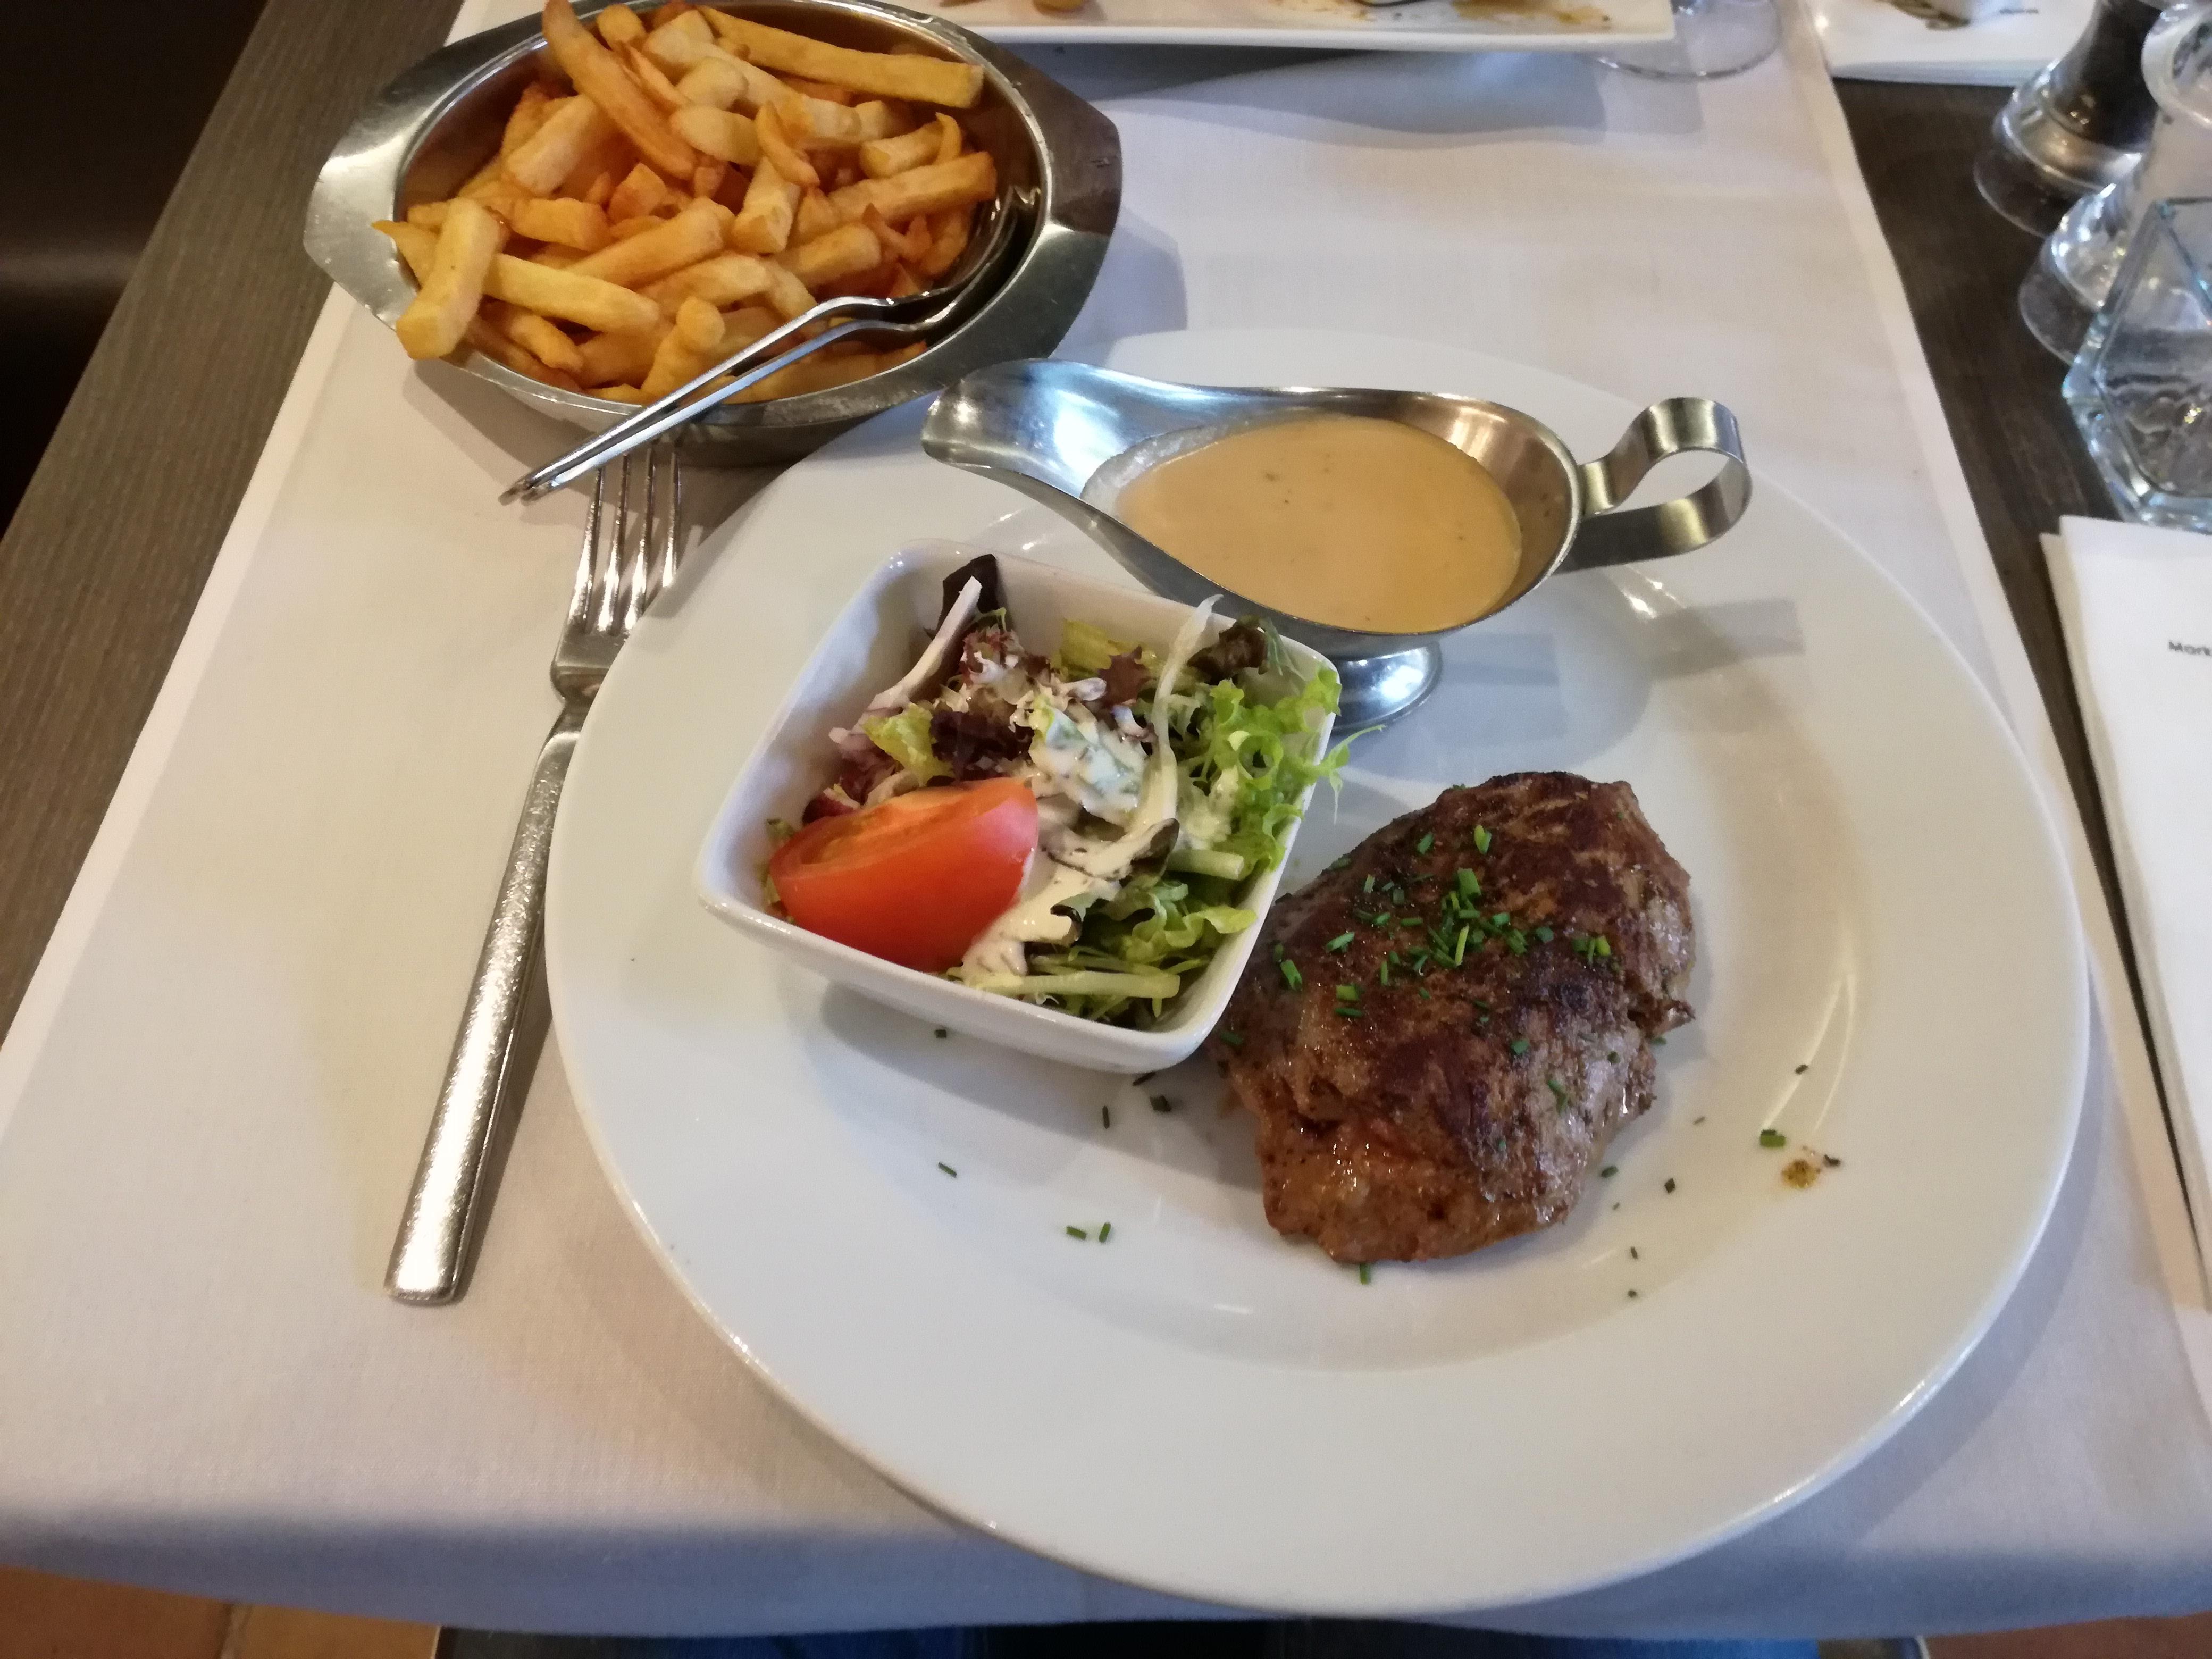 comte de flandre de beste steak van belgie